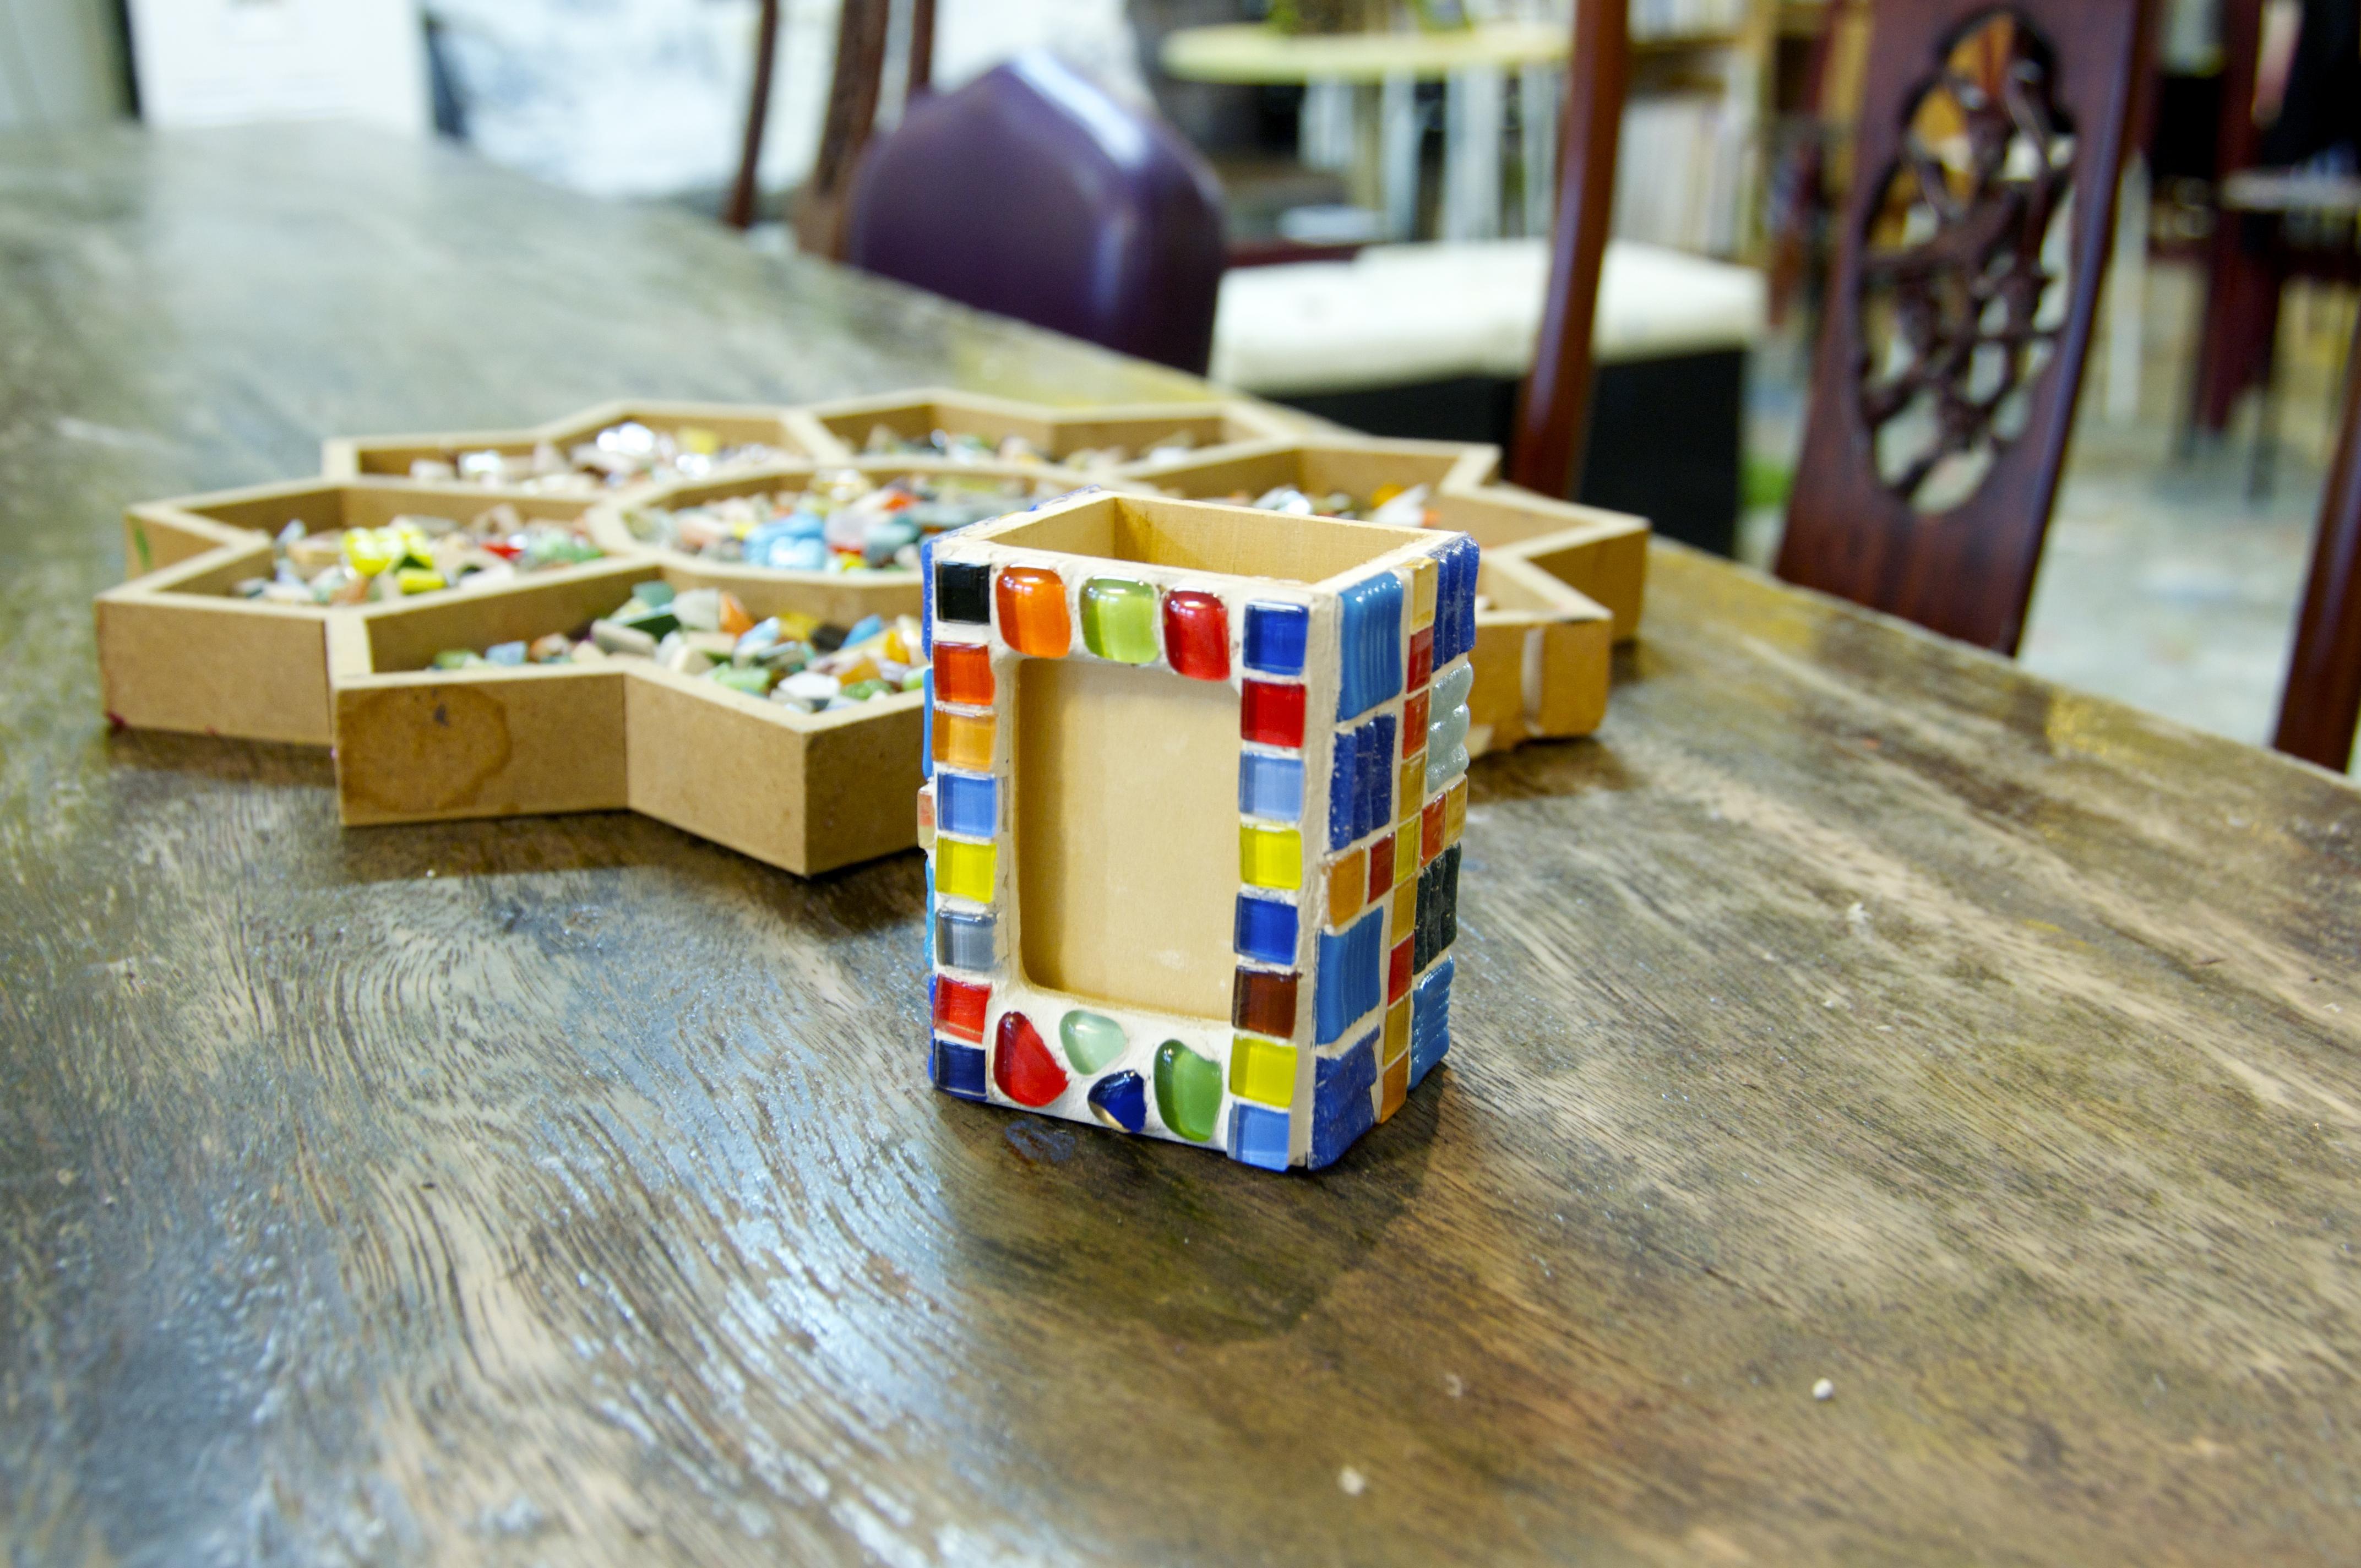 粉飾你的安樂蝸!4個親手造的小飾品,提升家居品味 - DESIGN - K11